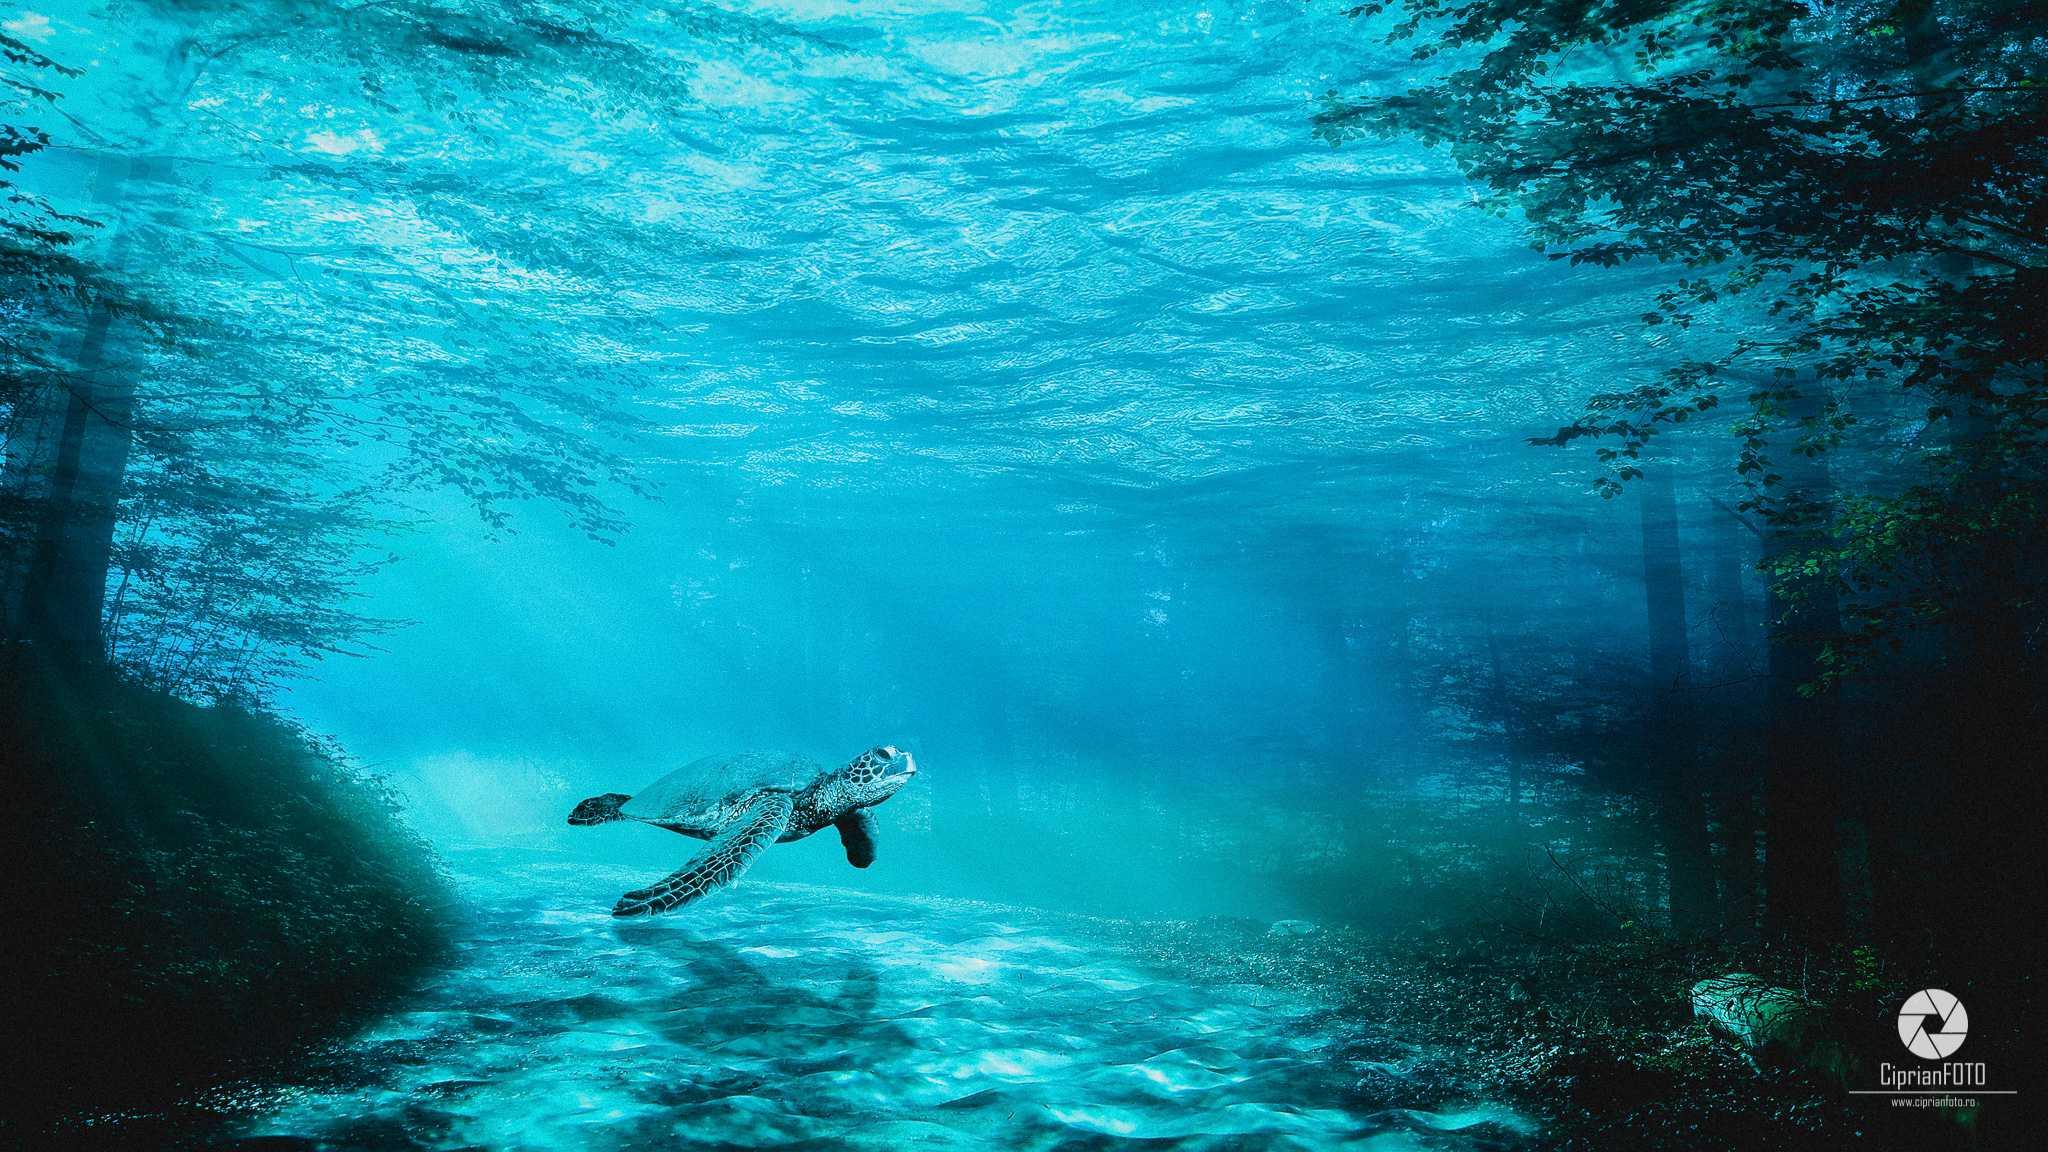 Underwater_Life_Photoshop_Manipulation_Tutorial_CiprianFOTO